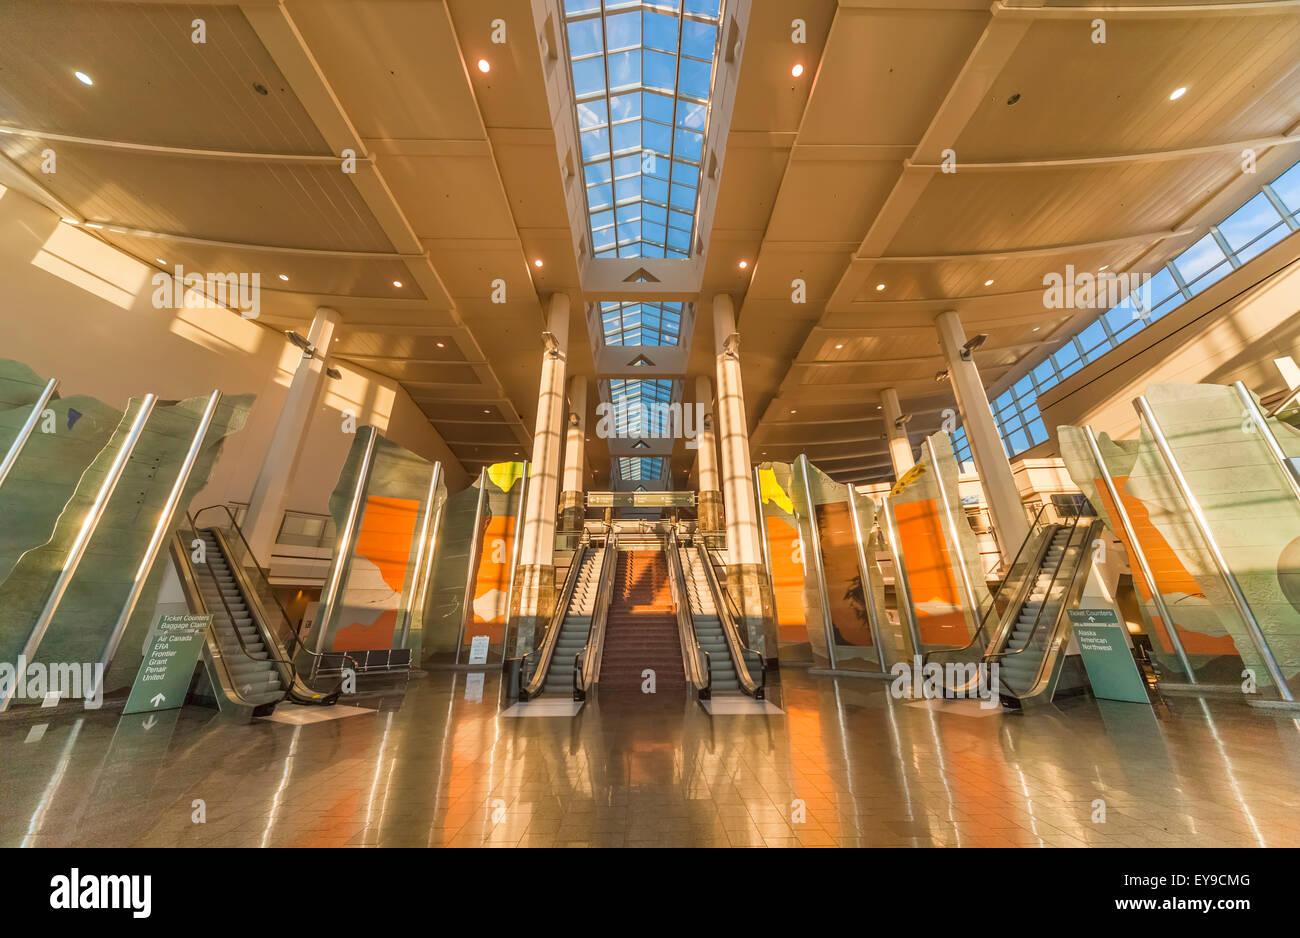 Las Escaleras Mec Nicas Y Instalaciones De Arte En El Ted Stevens Anchorage Aeropuerto